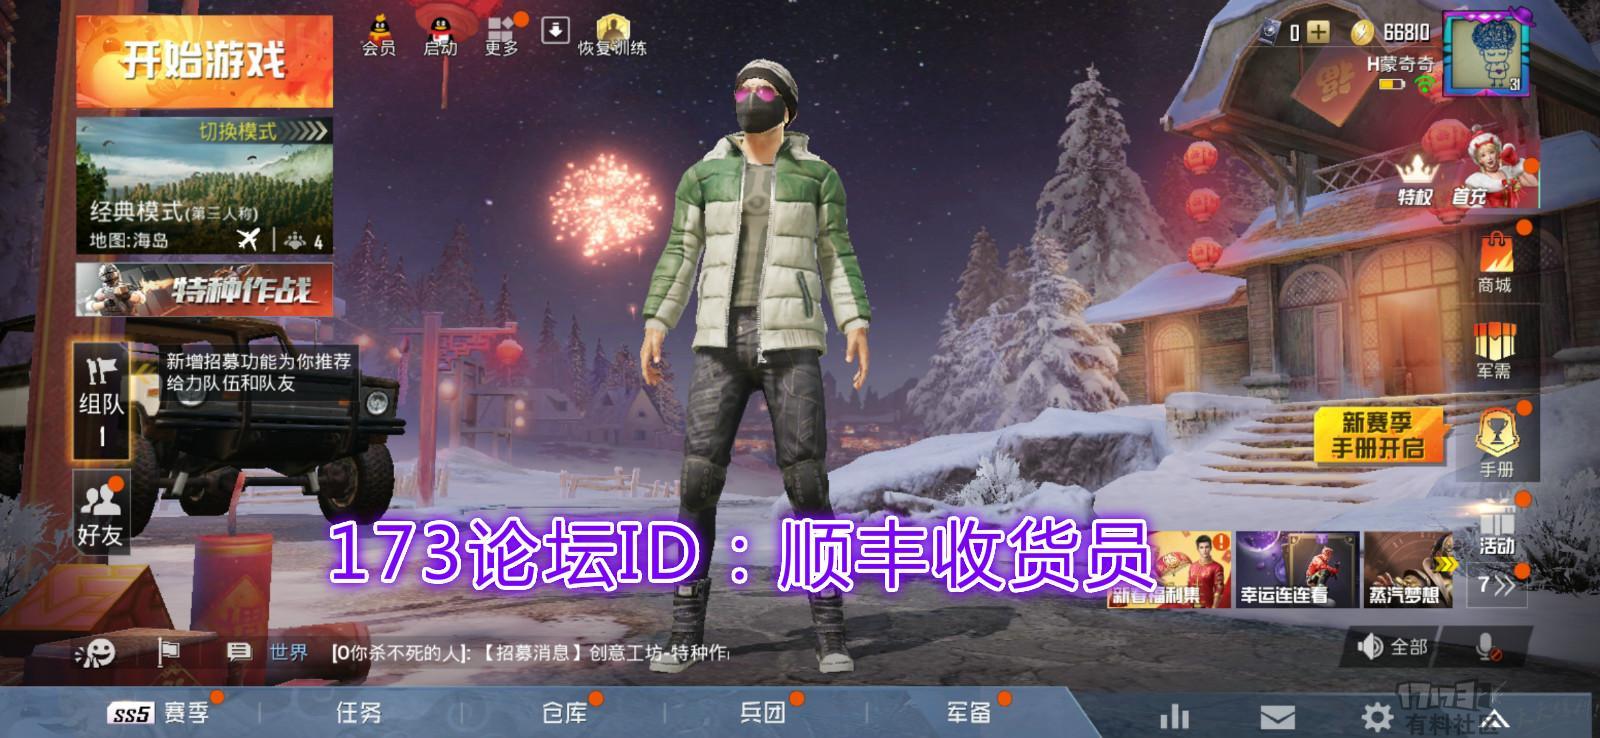 5_meitu_5.jpg